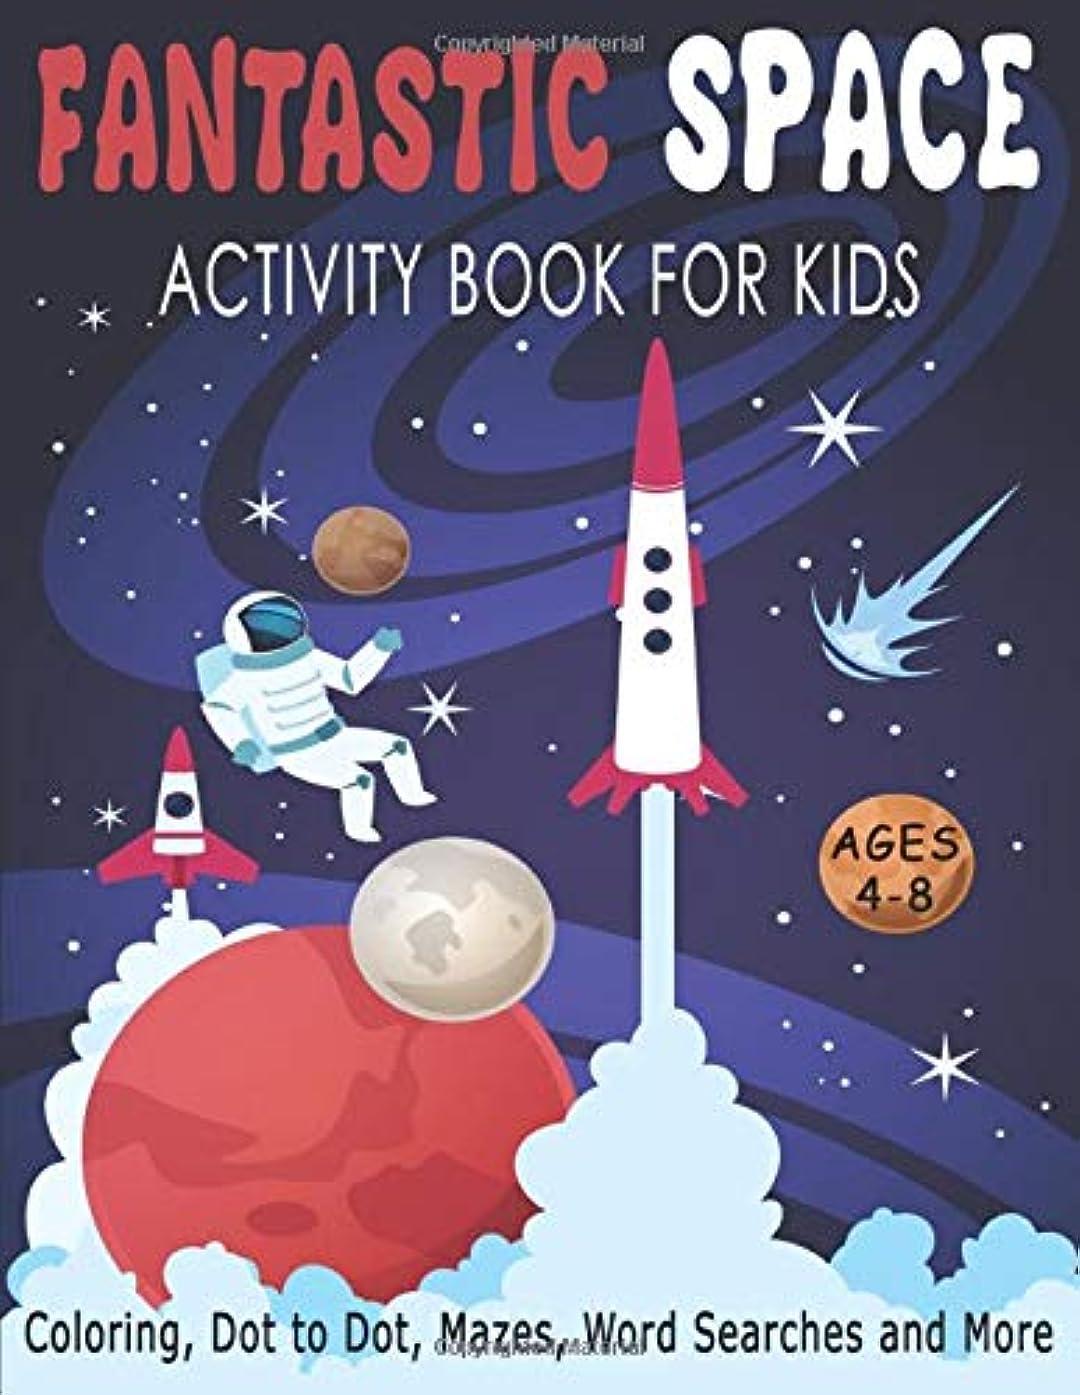 唯一ワーム恥ずかしさFANTASTIC SPACE ACTIVITY BOOK FOR KIDS AGES 4-8 Coloring, Dot to Dot, Mazes, Word Searches and More: Fantastic Outer Space Workbook with Solar System, Planets, Sun, Moon, Stars, Astronauts, Rockets, Aliens 36 Activity pages for Kids, Boys and Girls